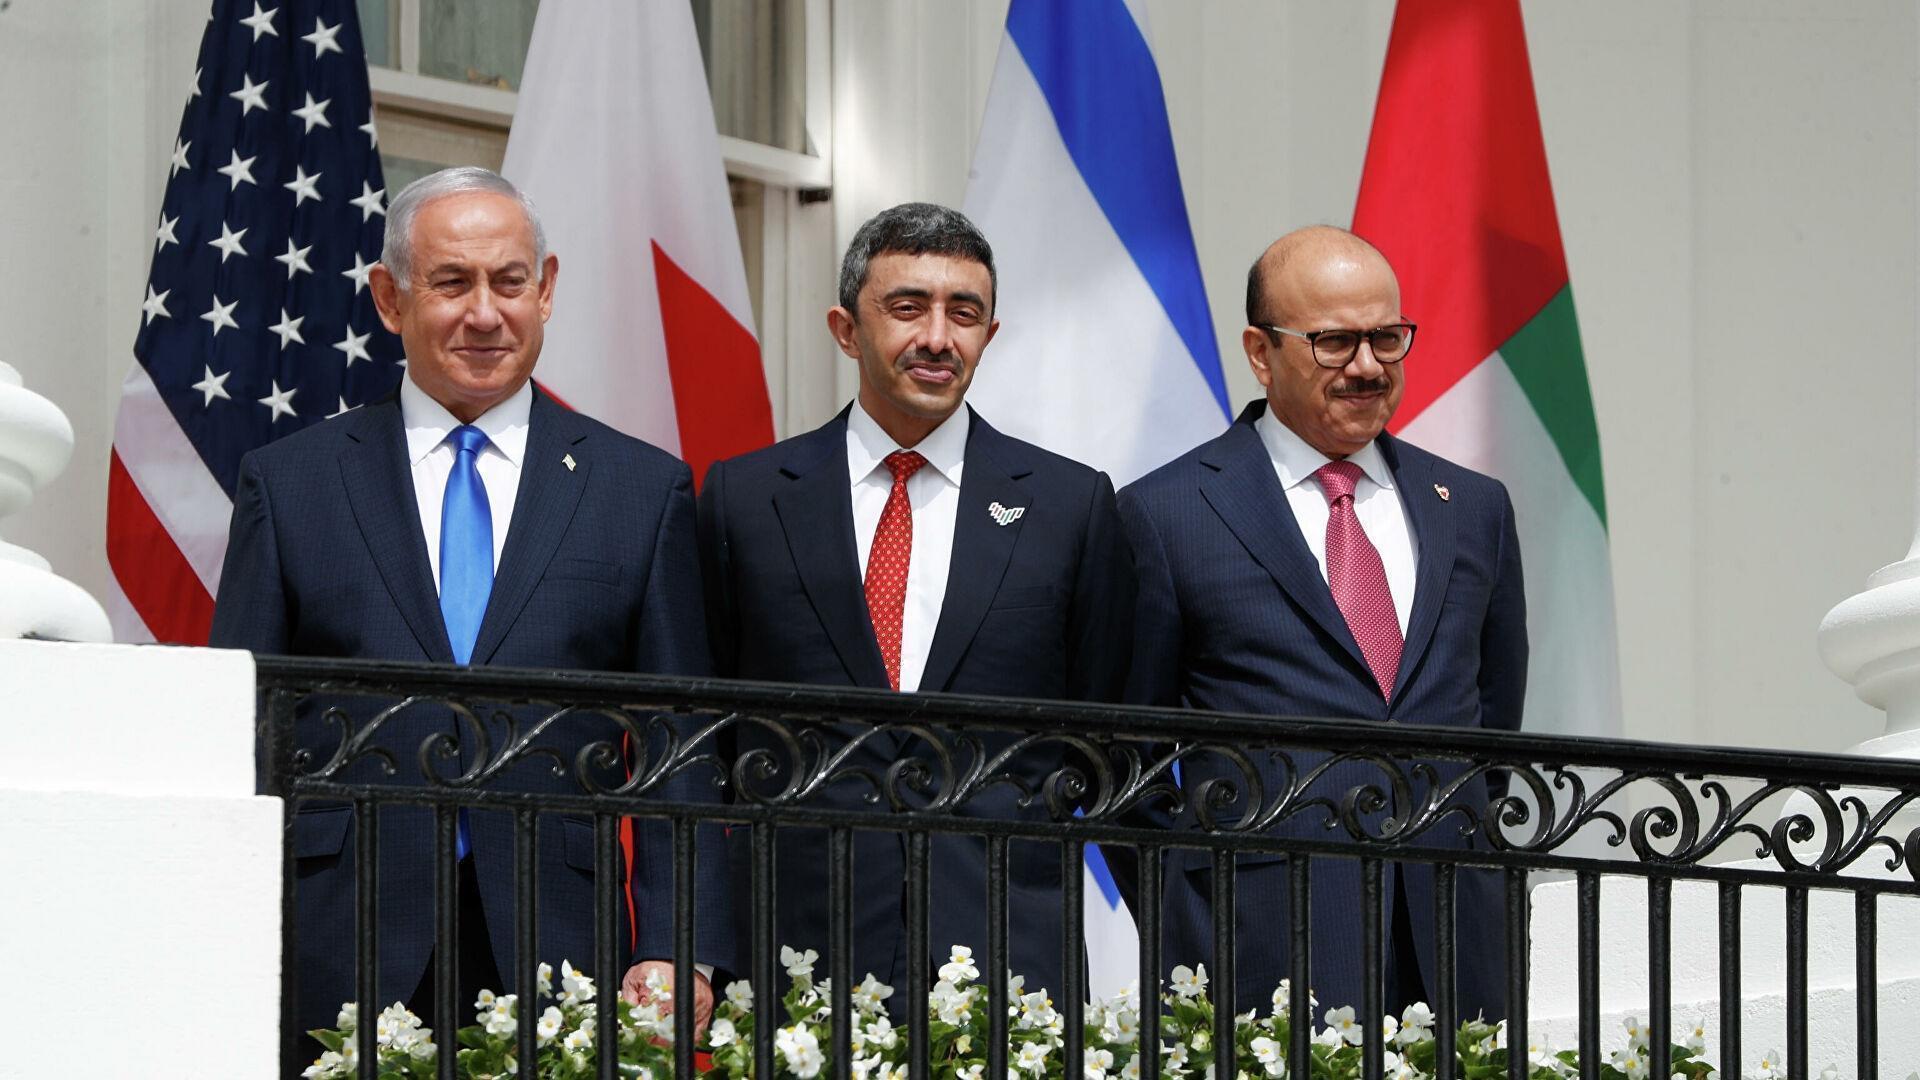 Израиль и Бахрейн восстановят дипломатические отношения 1